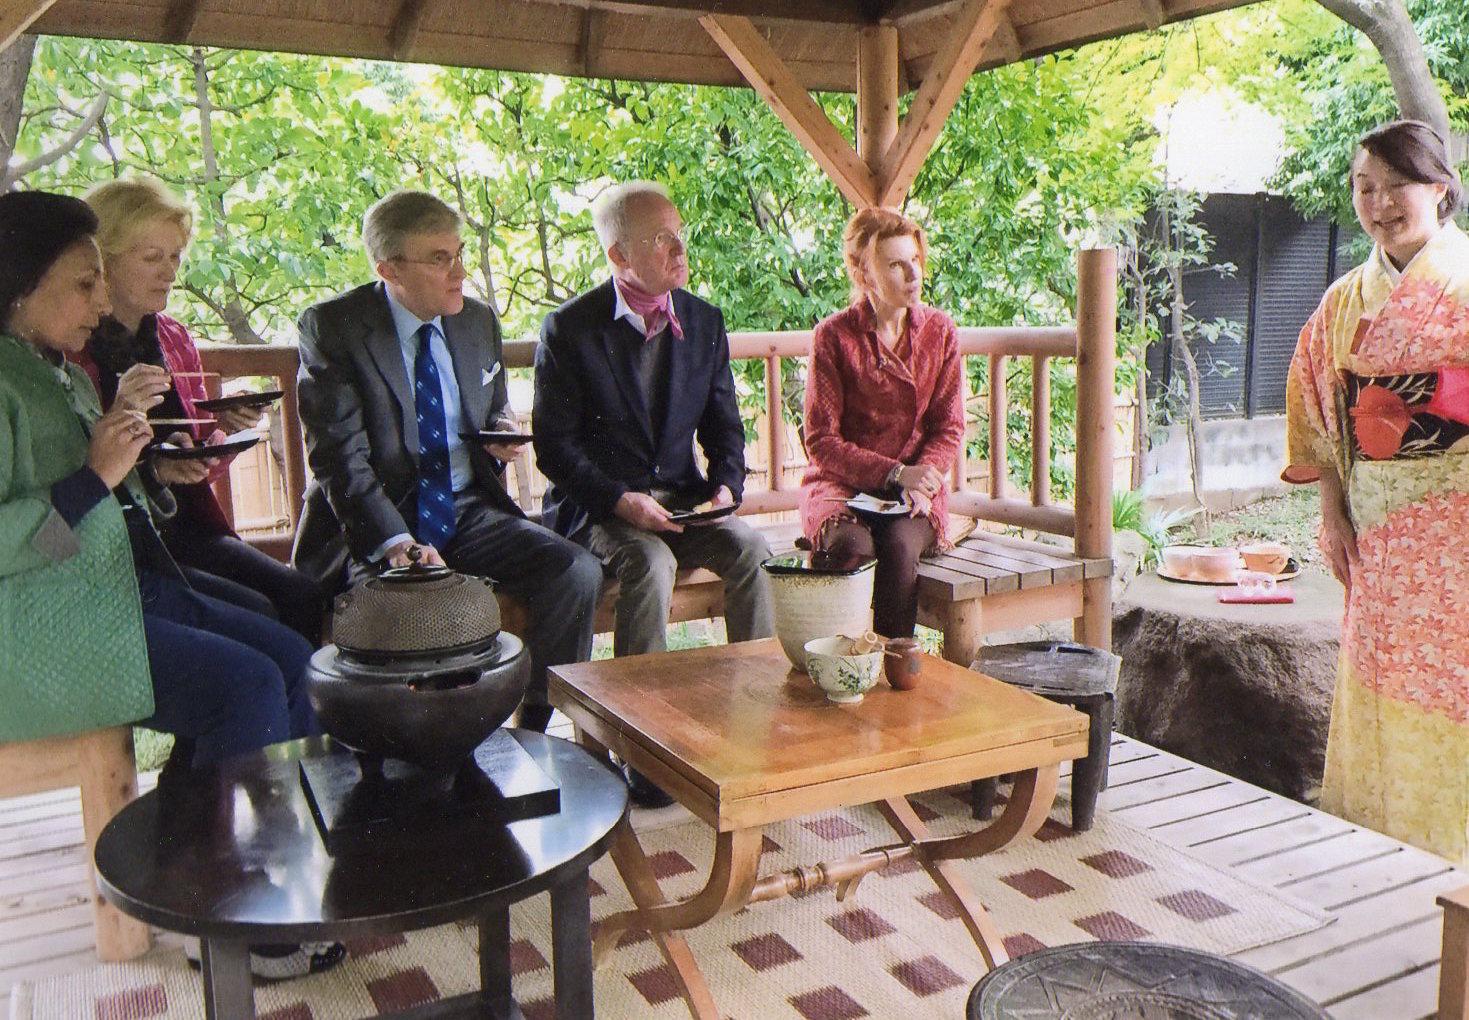 オーストリア大使公邸にてお茶会_d0334837_14345287.jpg